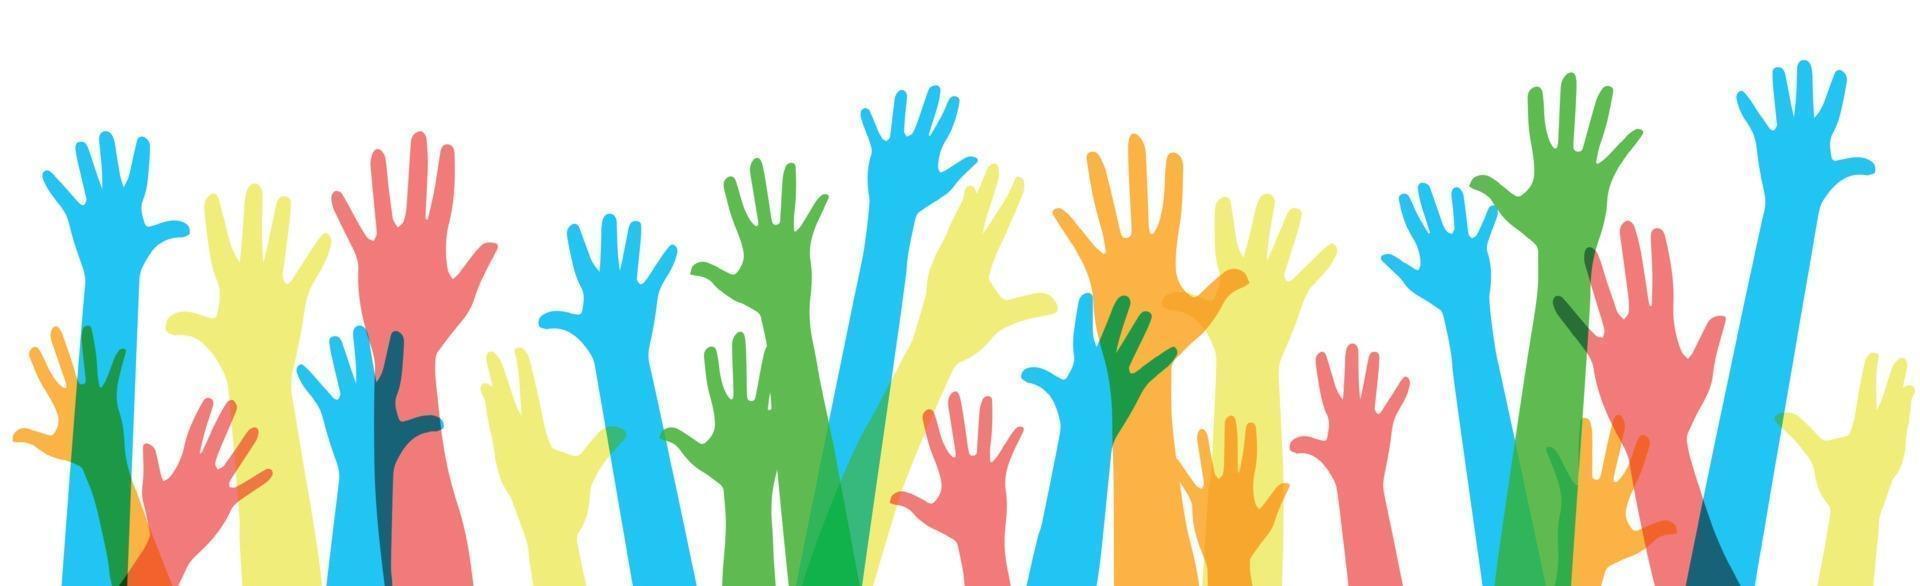 många flerfärgade händer på en vit bakgrund - vektor